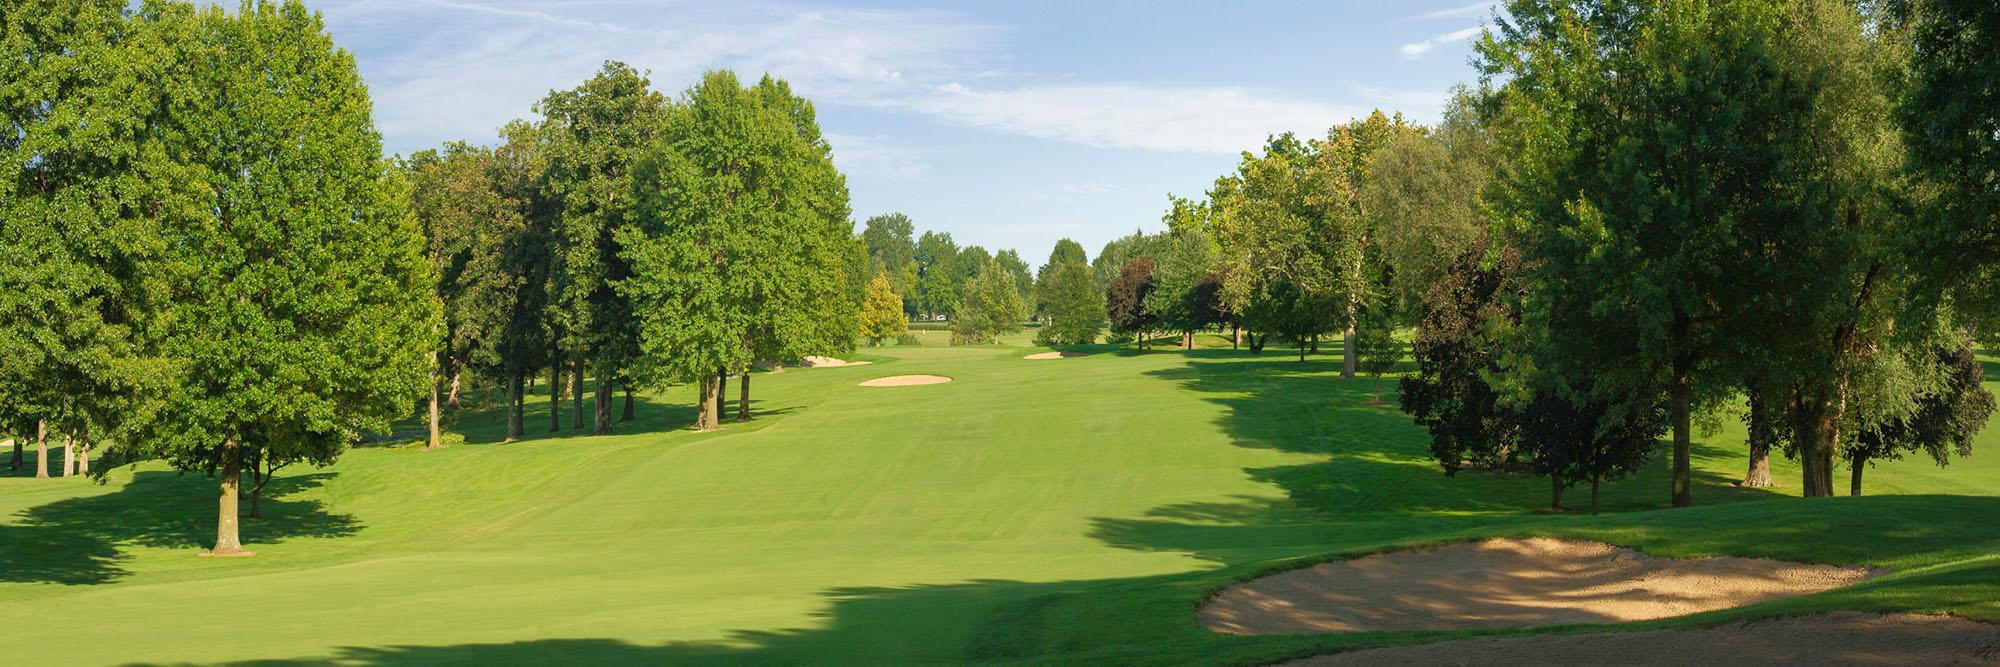 Golf Course Image - Hickory Hills No. 15